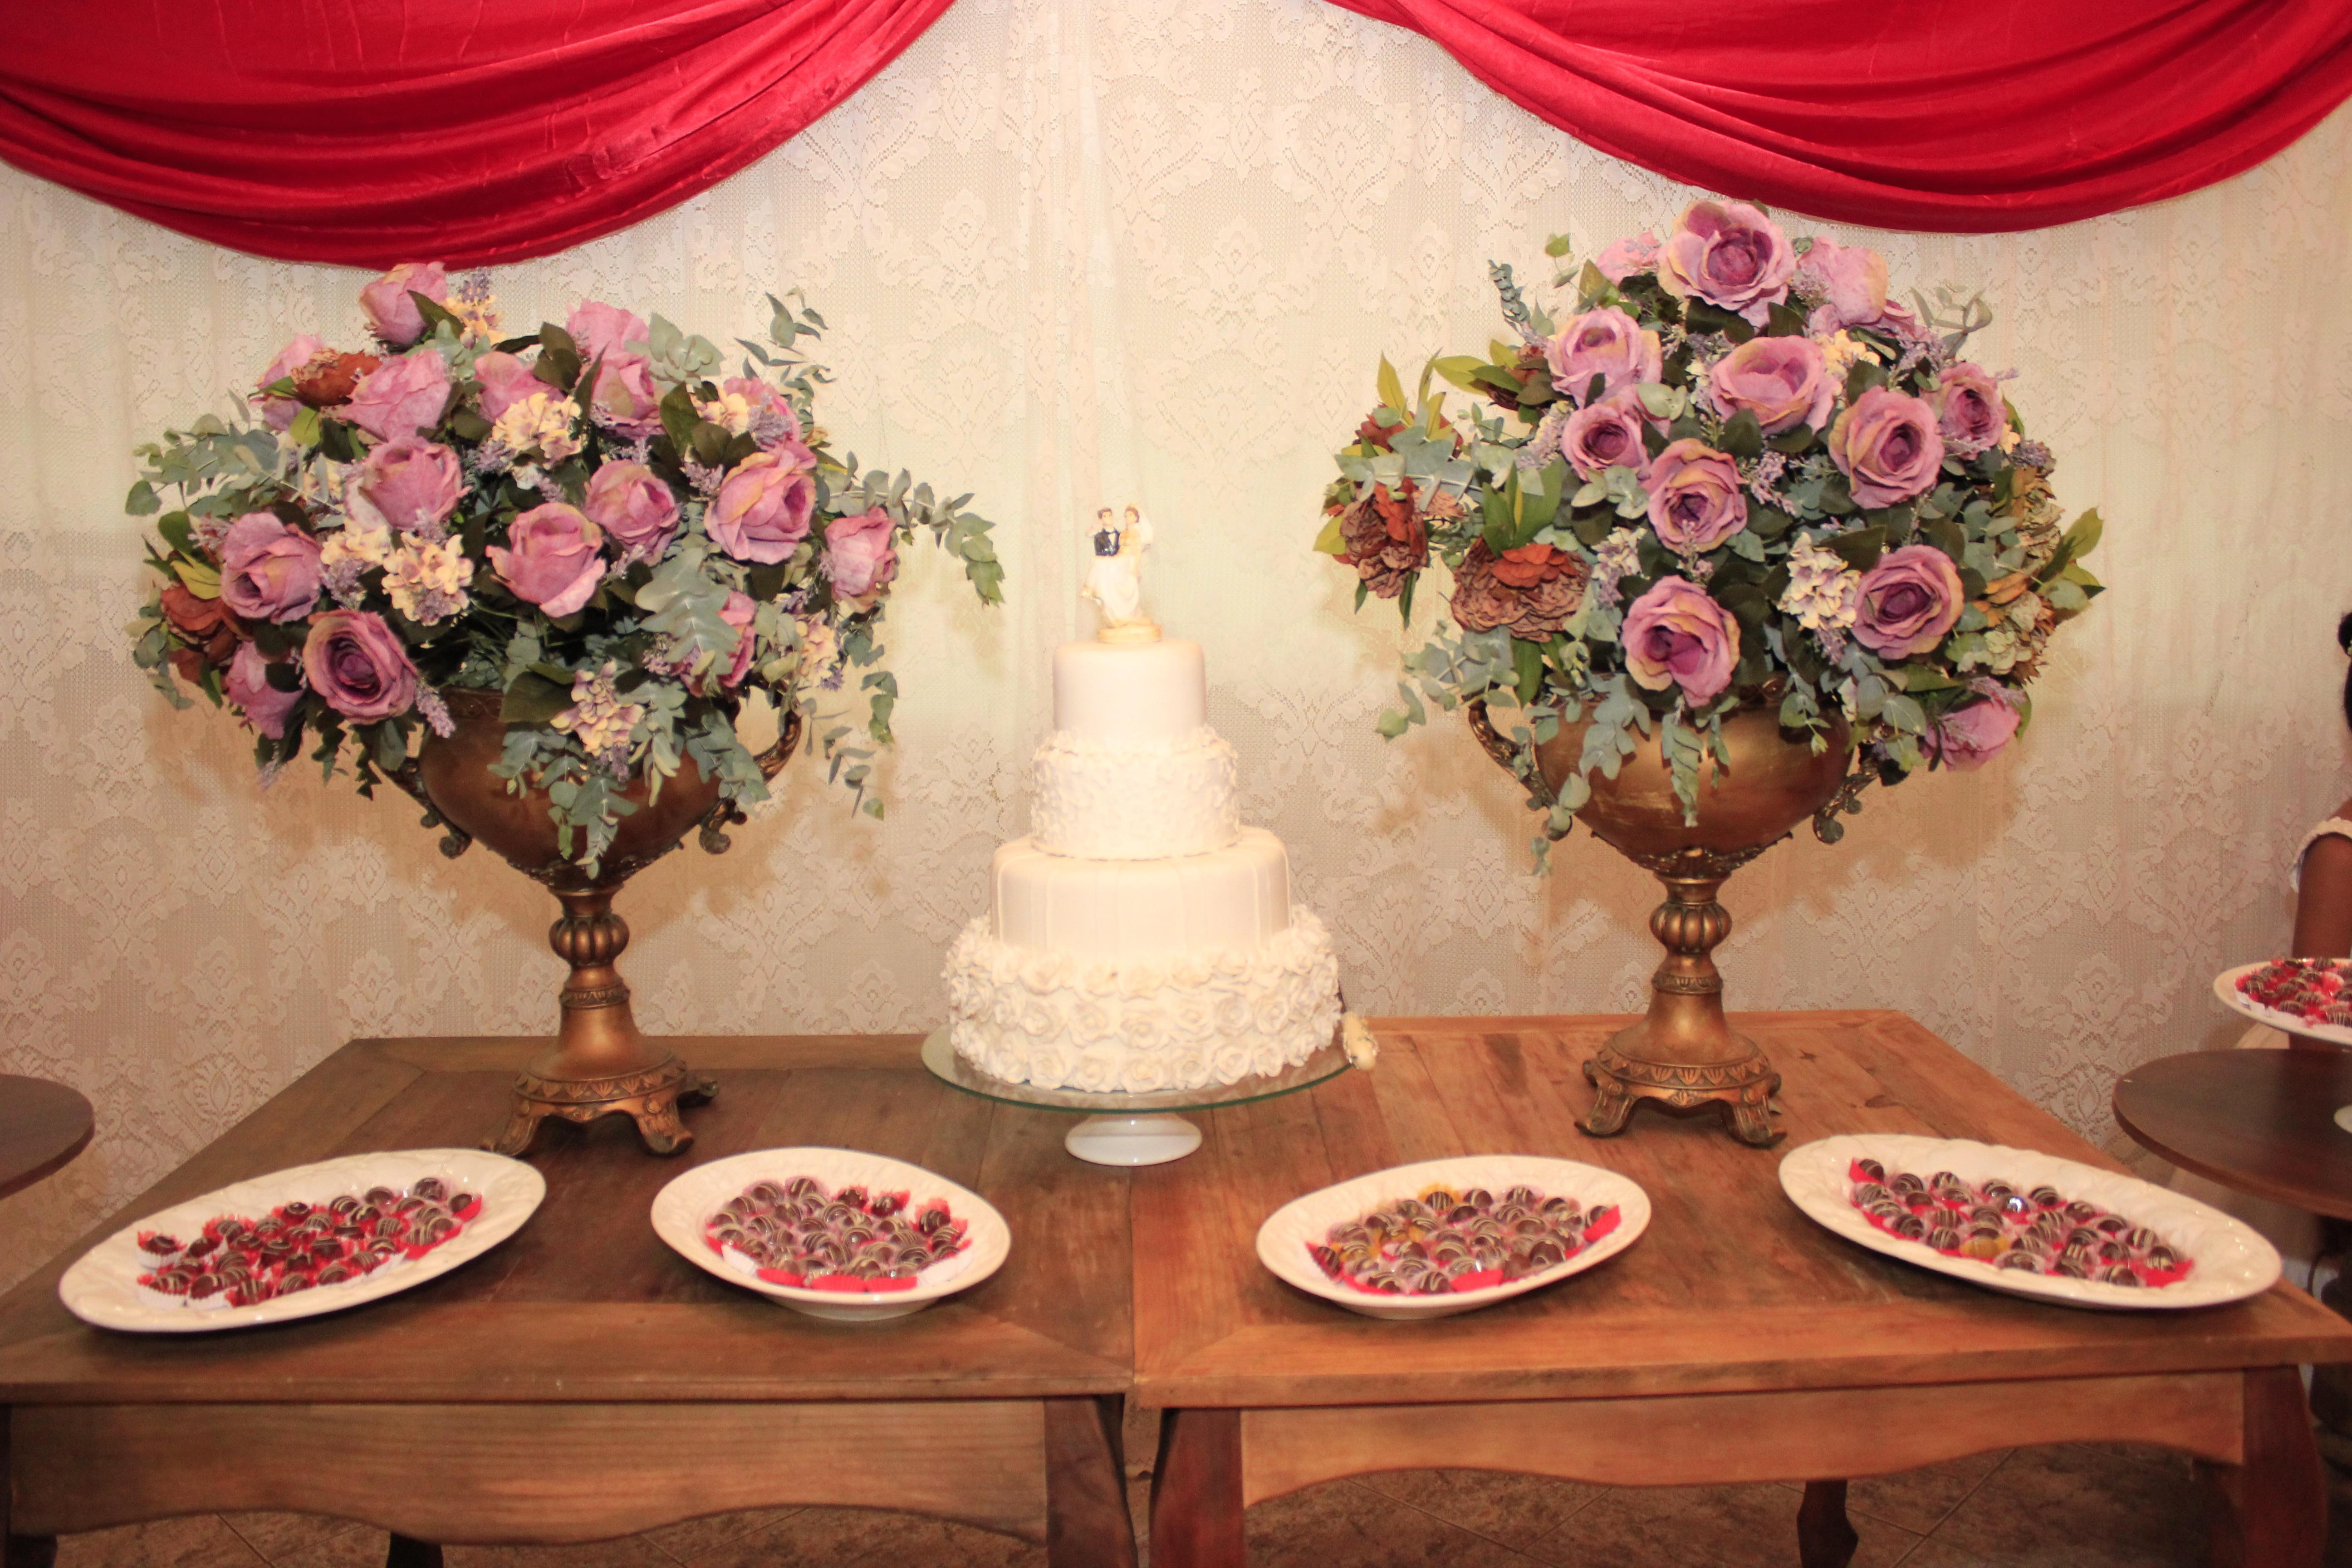 무료 이미지 : 표, 빨간, 방, 담홍색, 결혼, 인테리어 디자인, 파티 ...